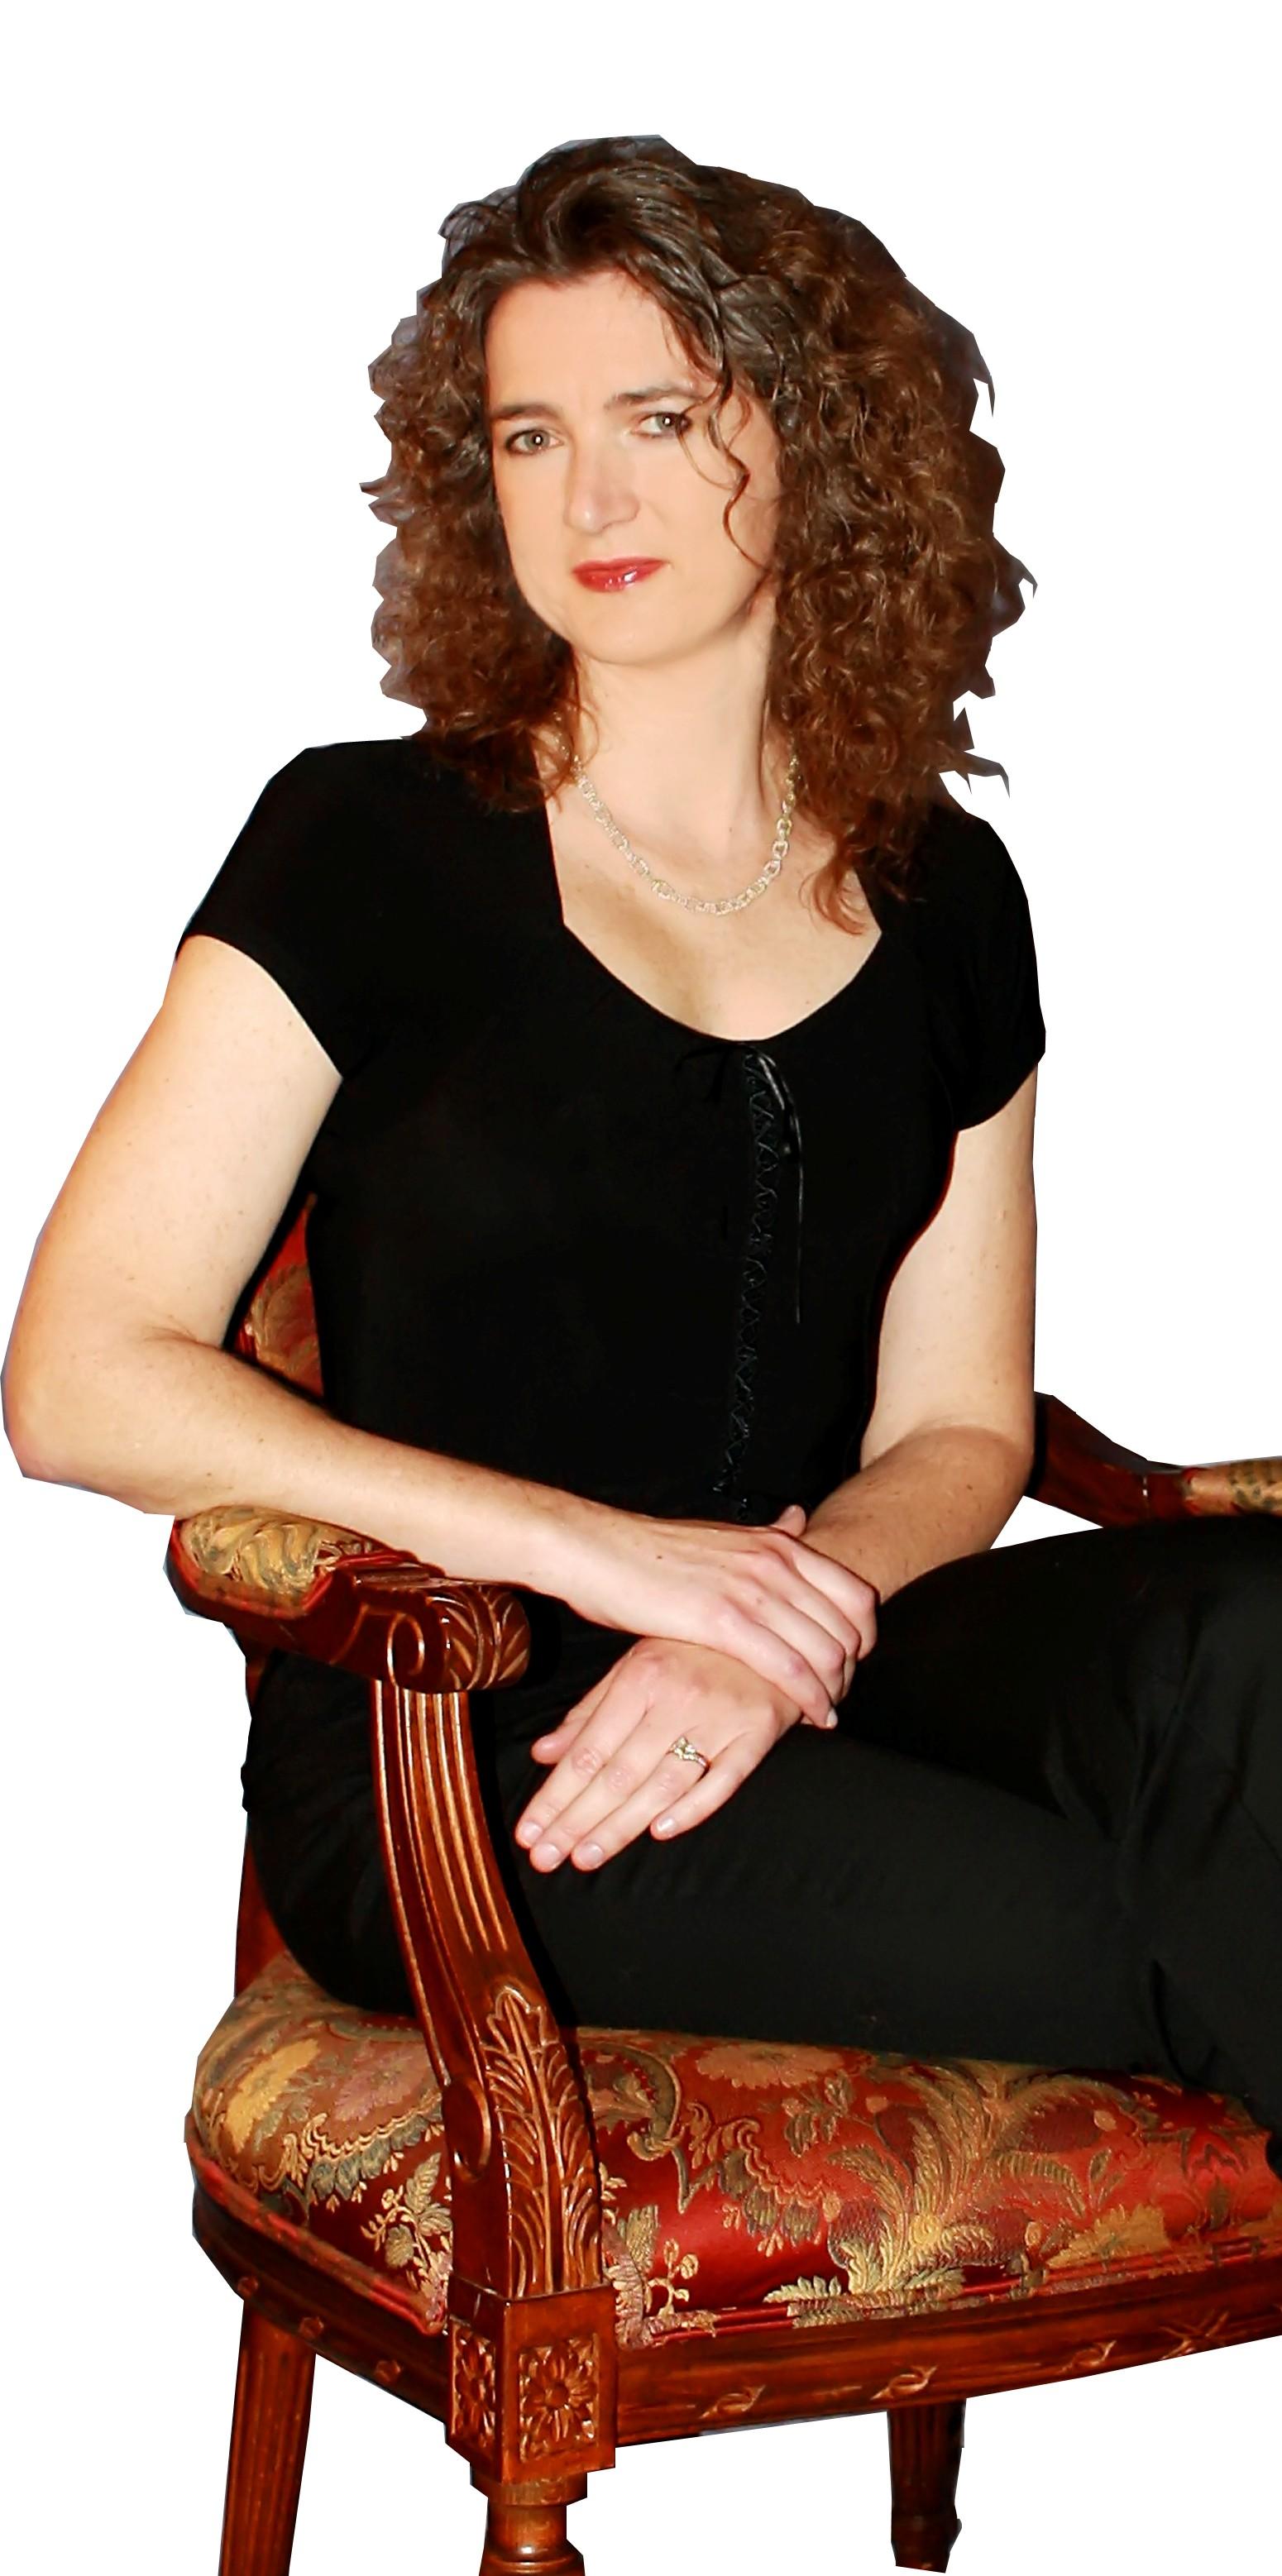 Jennifer M Eaton - Author